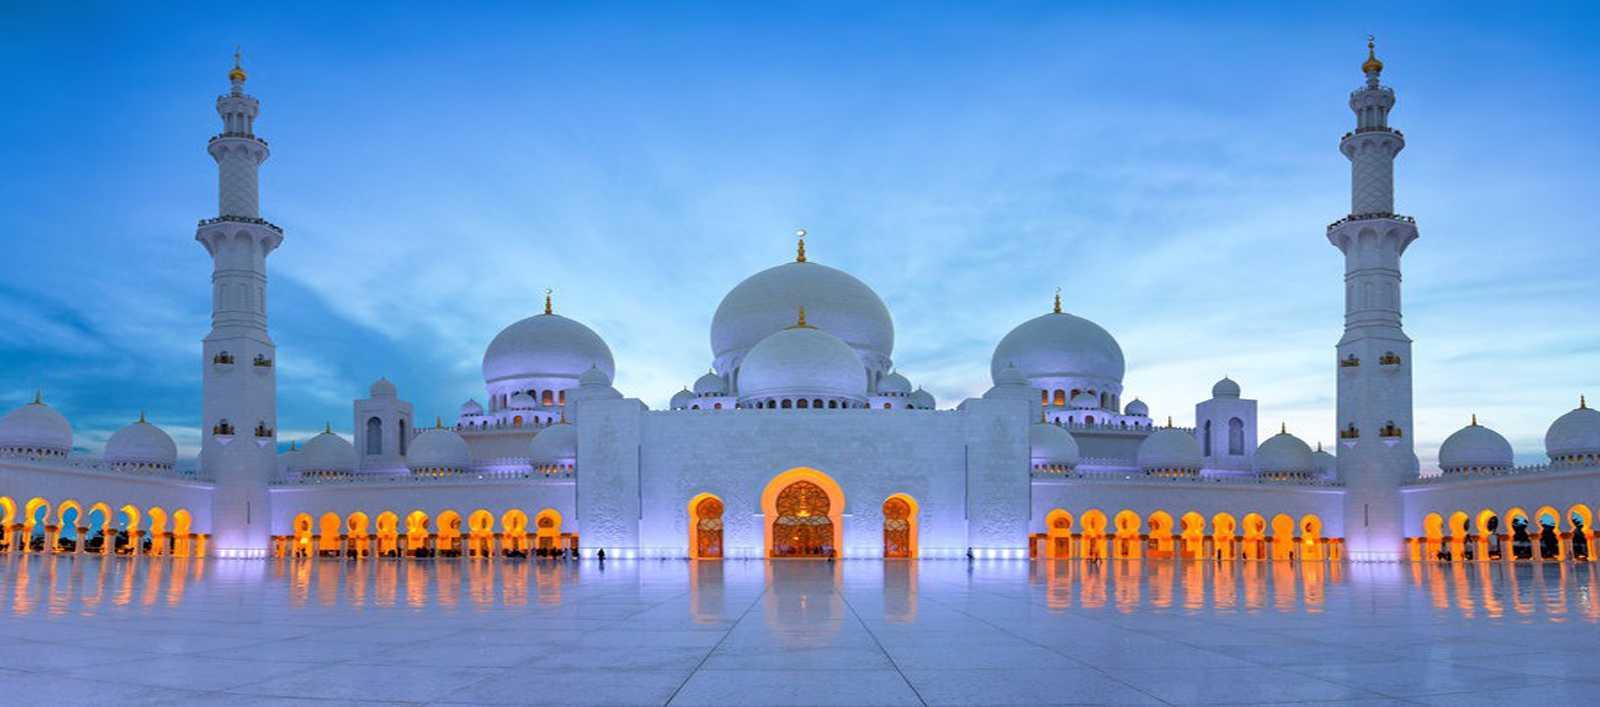 UAE Mosque